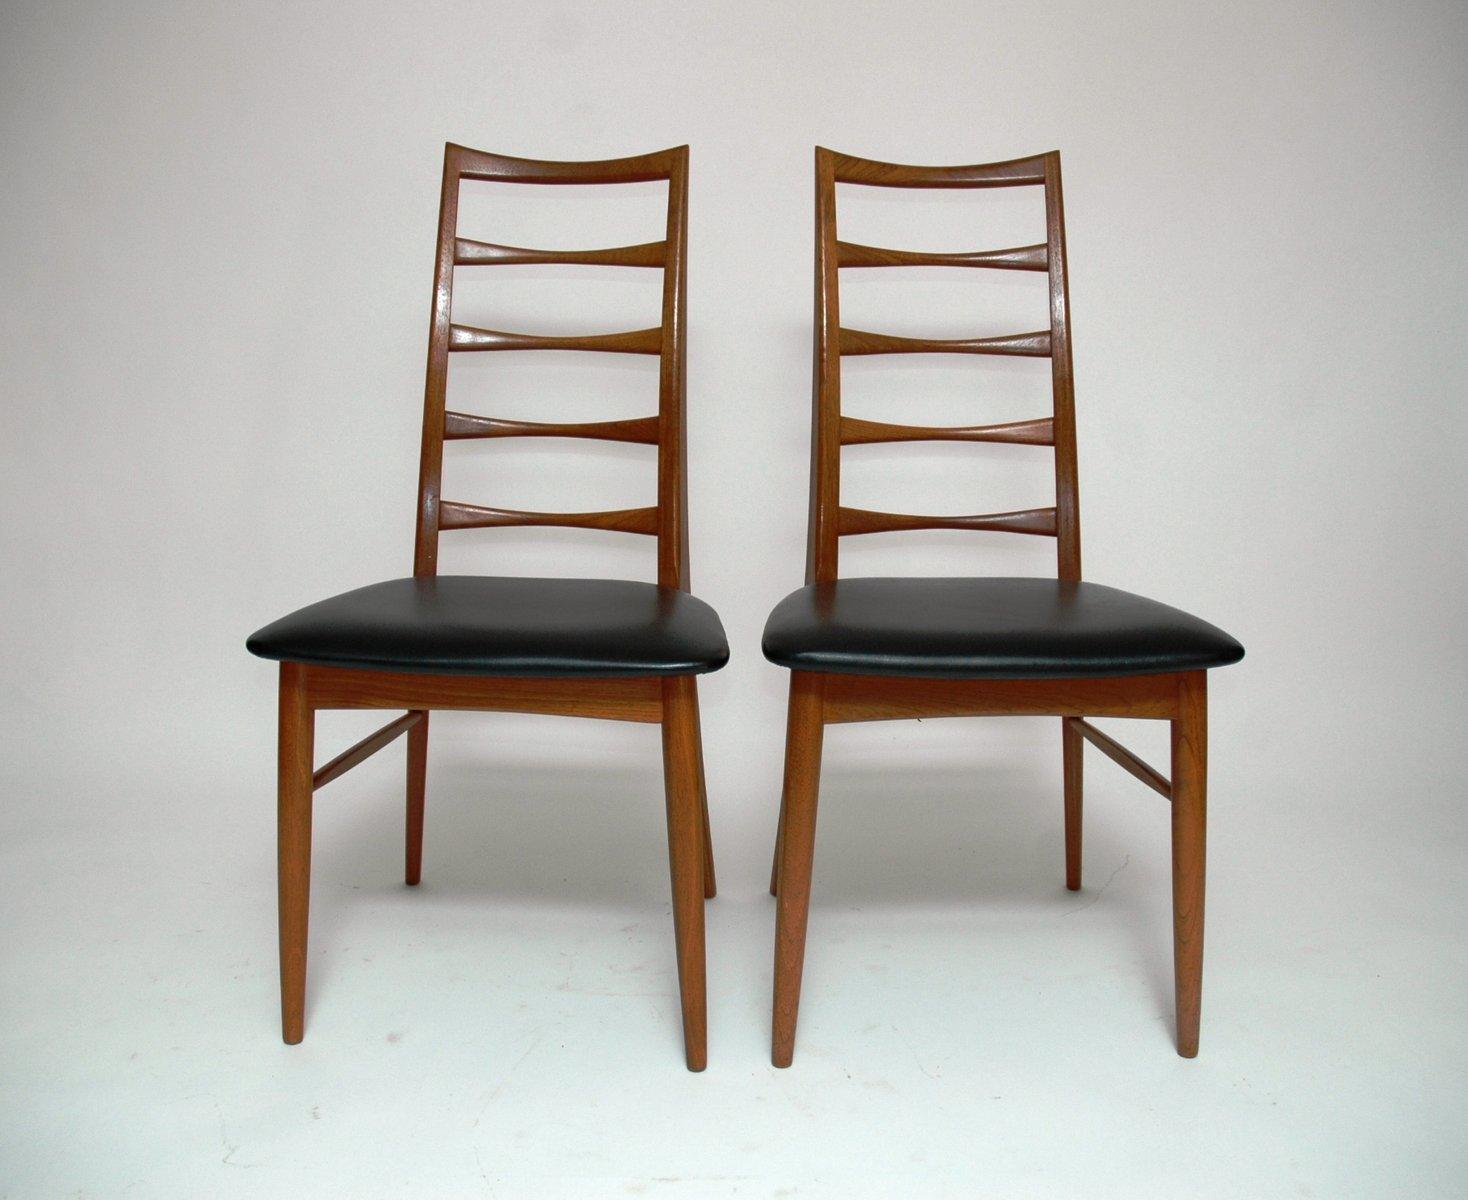 lis st hle von niels koefoed f r koefoeds m belfabrik 6er. Black Bedroom Furniture Sets. Home Design Ideas